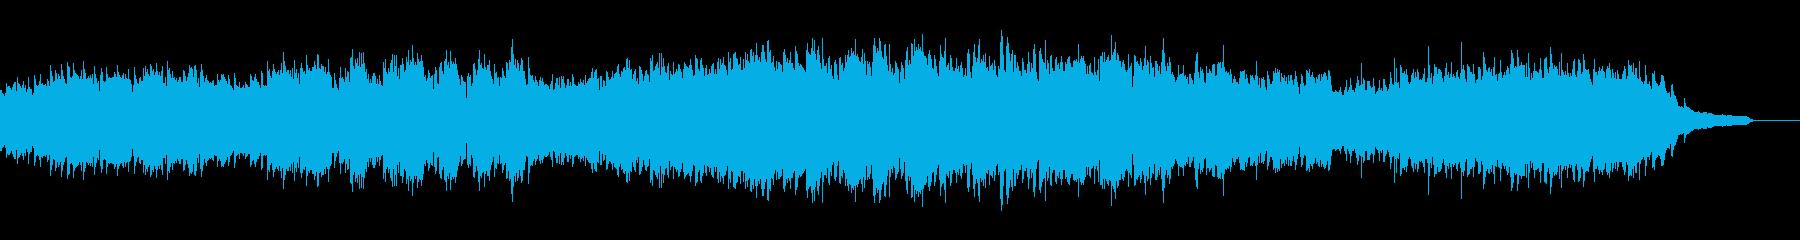 美しいシンプルなピアノ 不安から希望への再生済みの波形